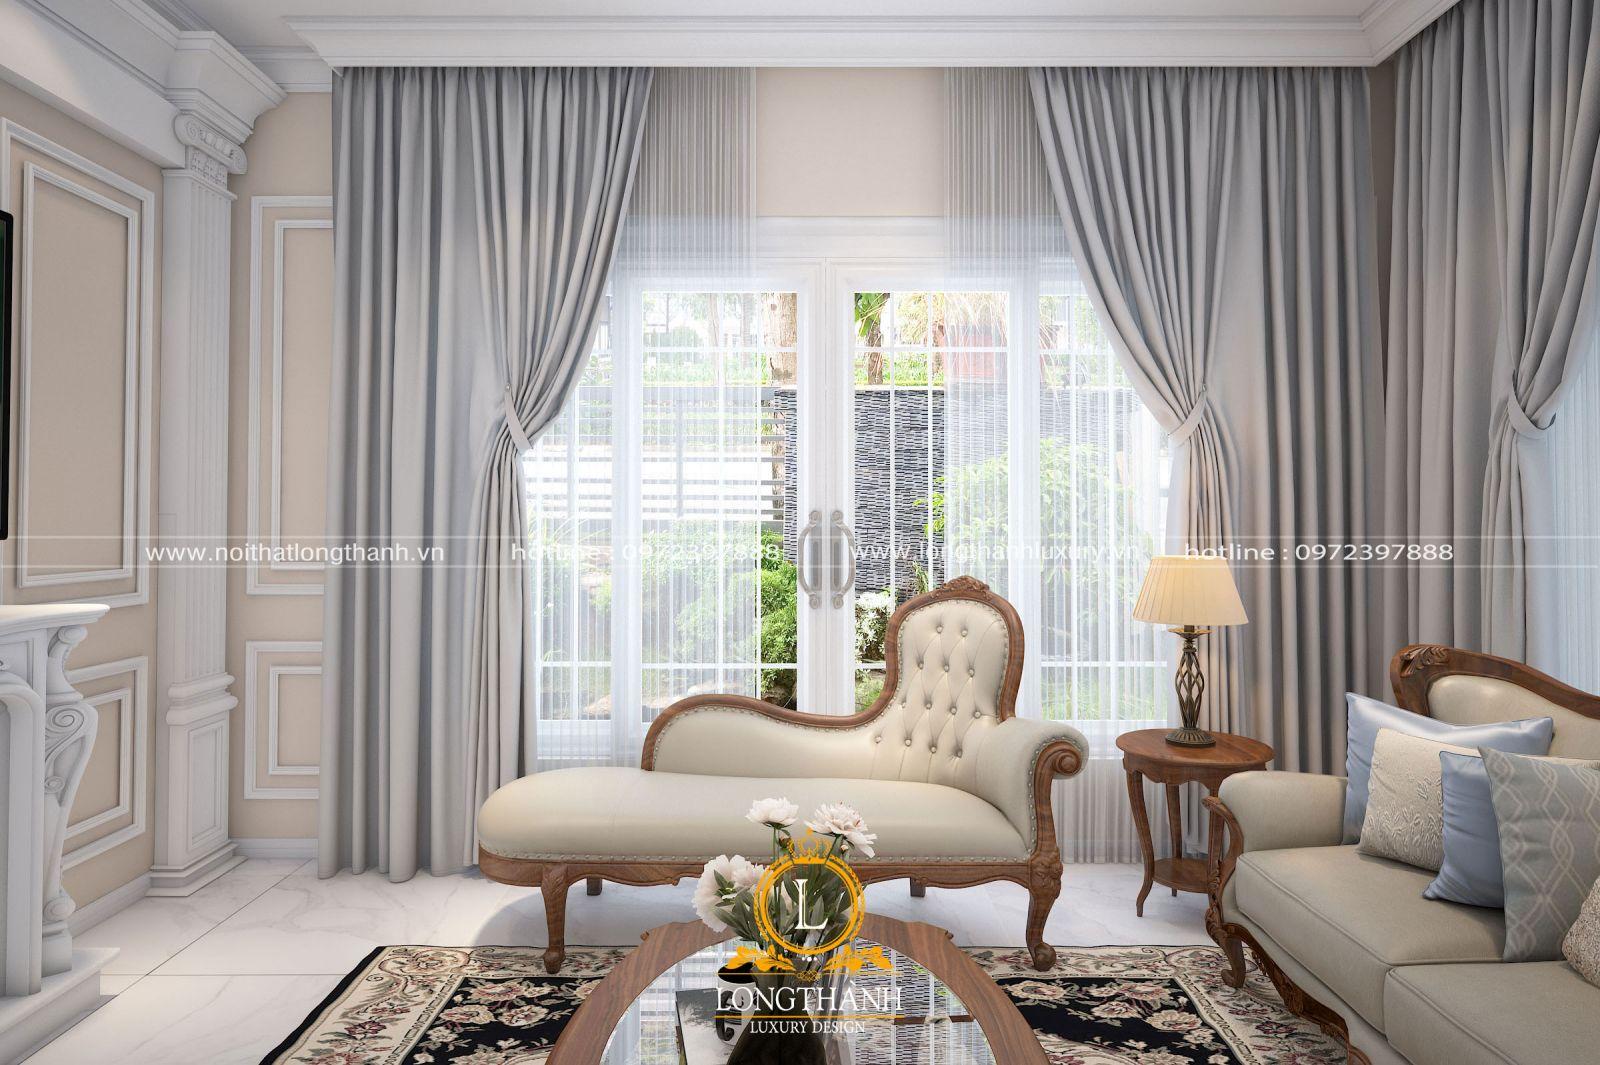 Mẫu sofa băng dài tân cổ điển